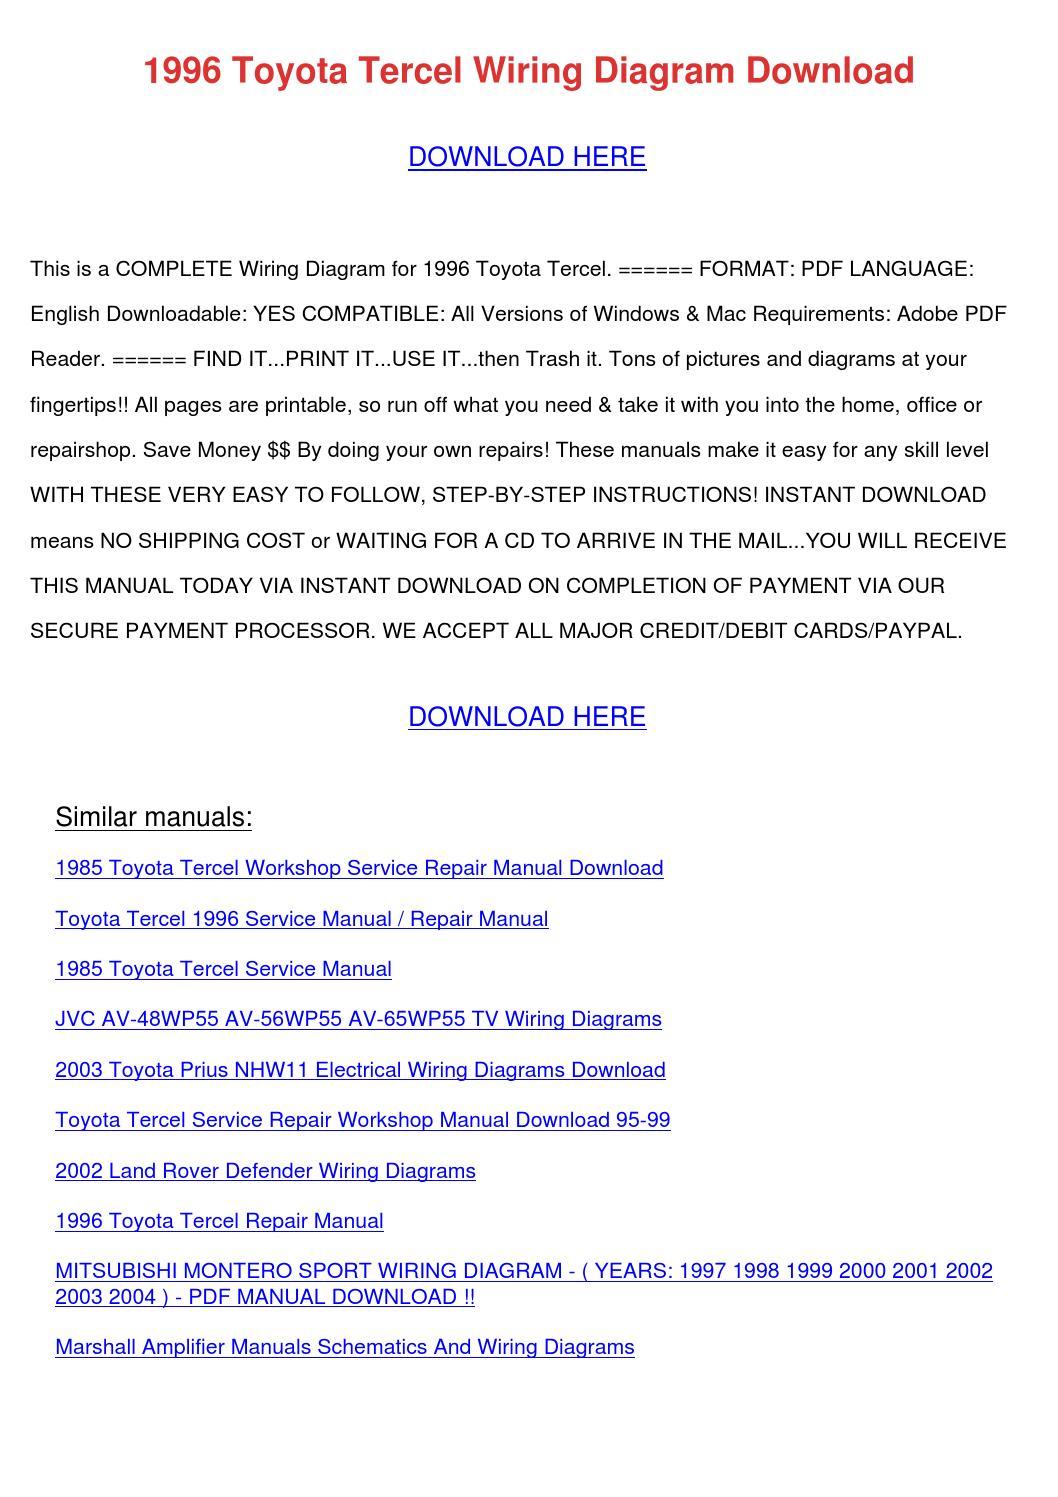 1996 Toyota Camry Radio Wiring Diagram 1998 Free Download Inspiring Pdf Photos Best